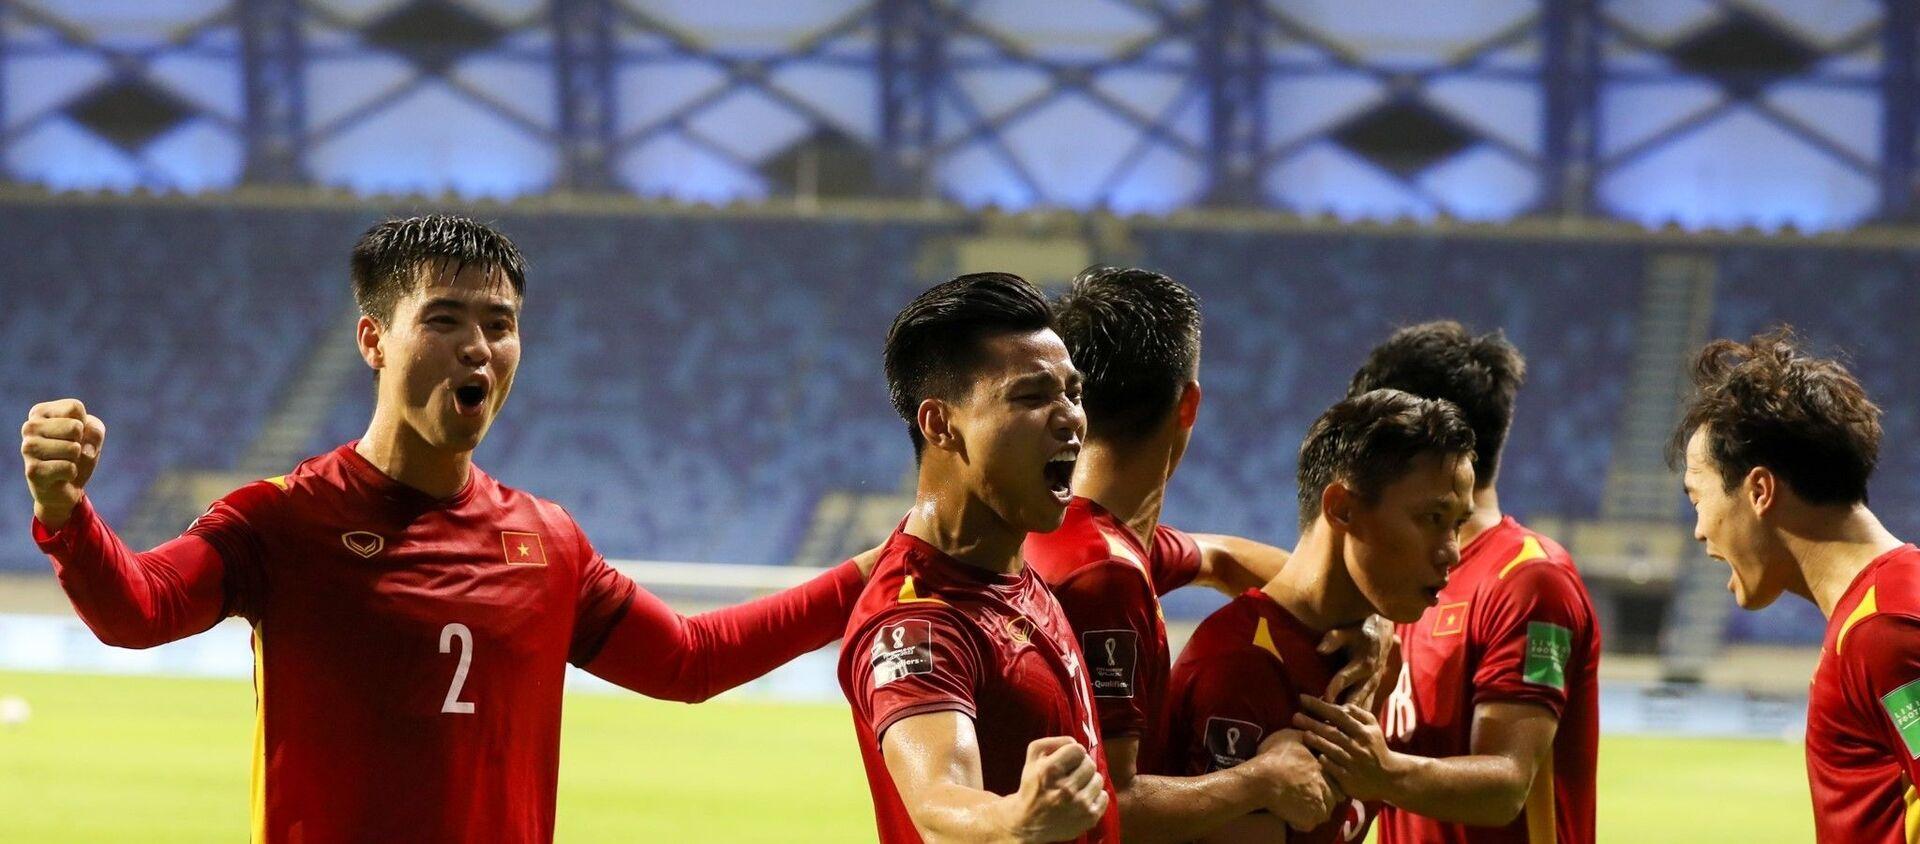 Các cầu thủ Việt Nam ăn mừng bàn thắng quyết định được ghi ở phút 81 do công của Quế Ngọc Hải. - Sputnik Việt Nam, 1920, 13.06.2021